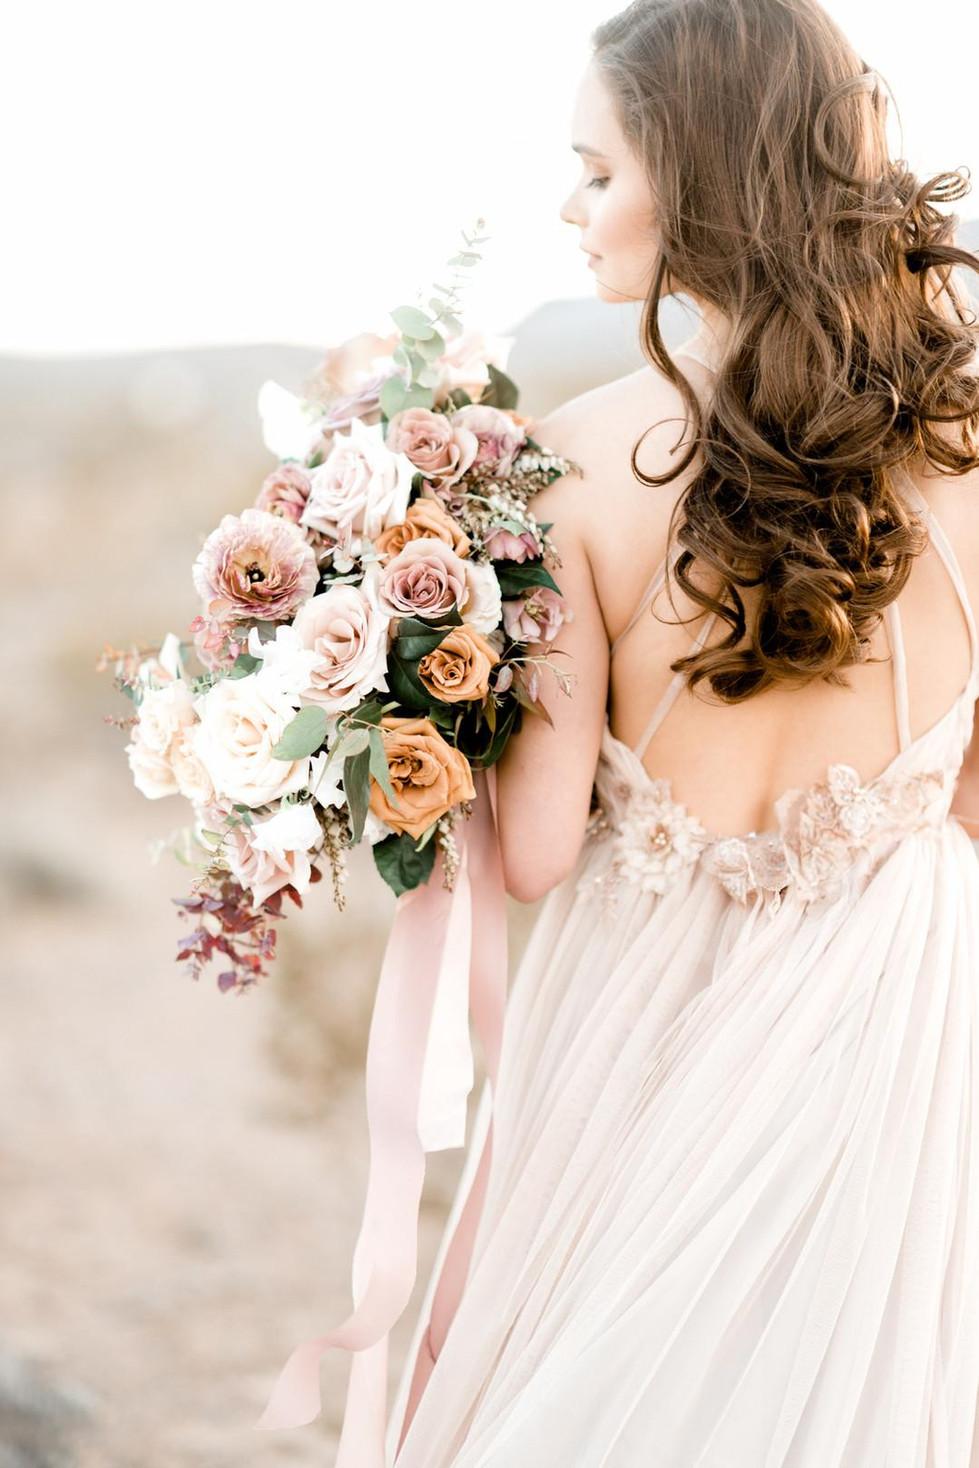 Dusty rose and mauve bouquet. Photo: Elizabeth Le